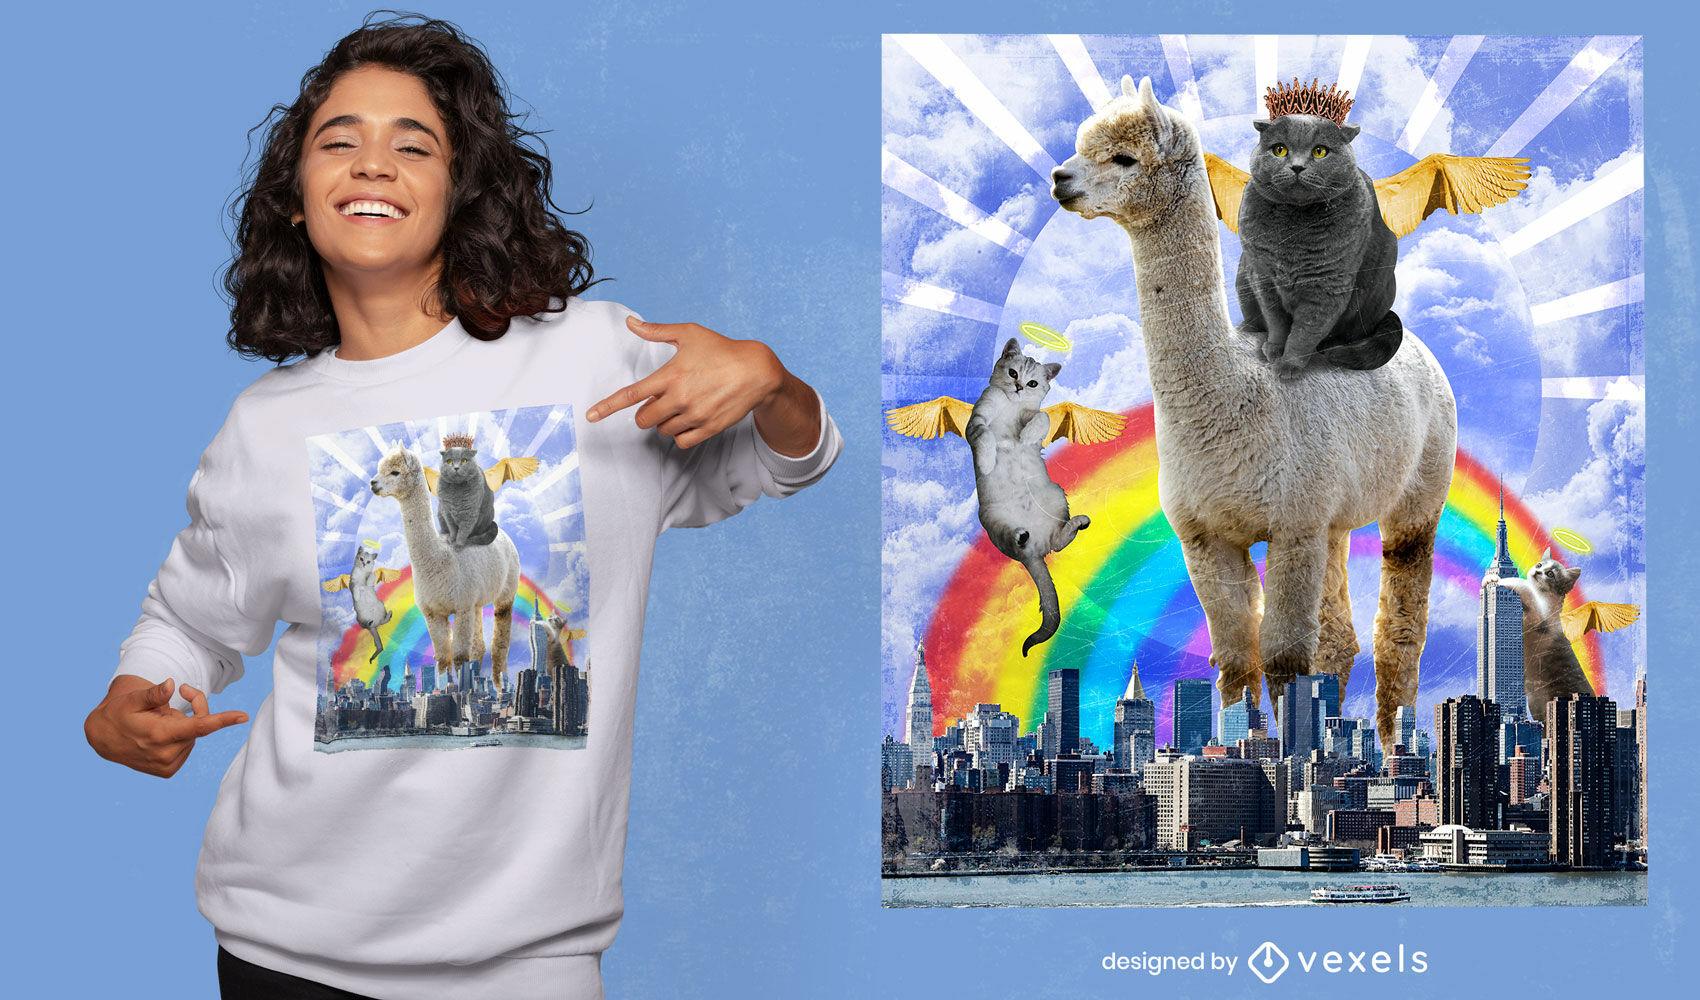 Diseño de camiseta psd de collage surrealista de gatos de ángel